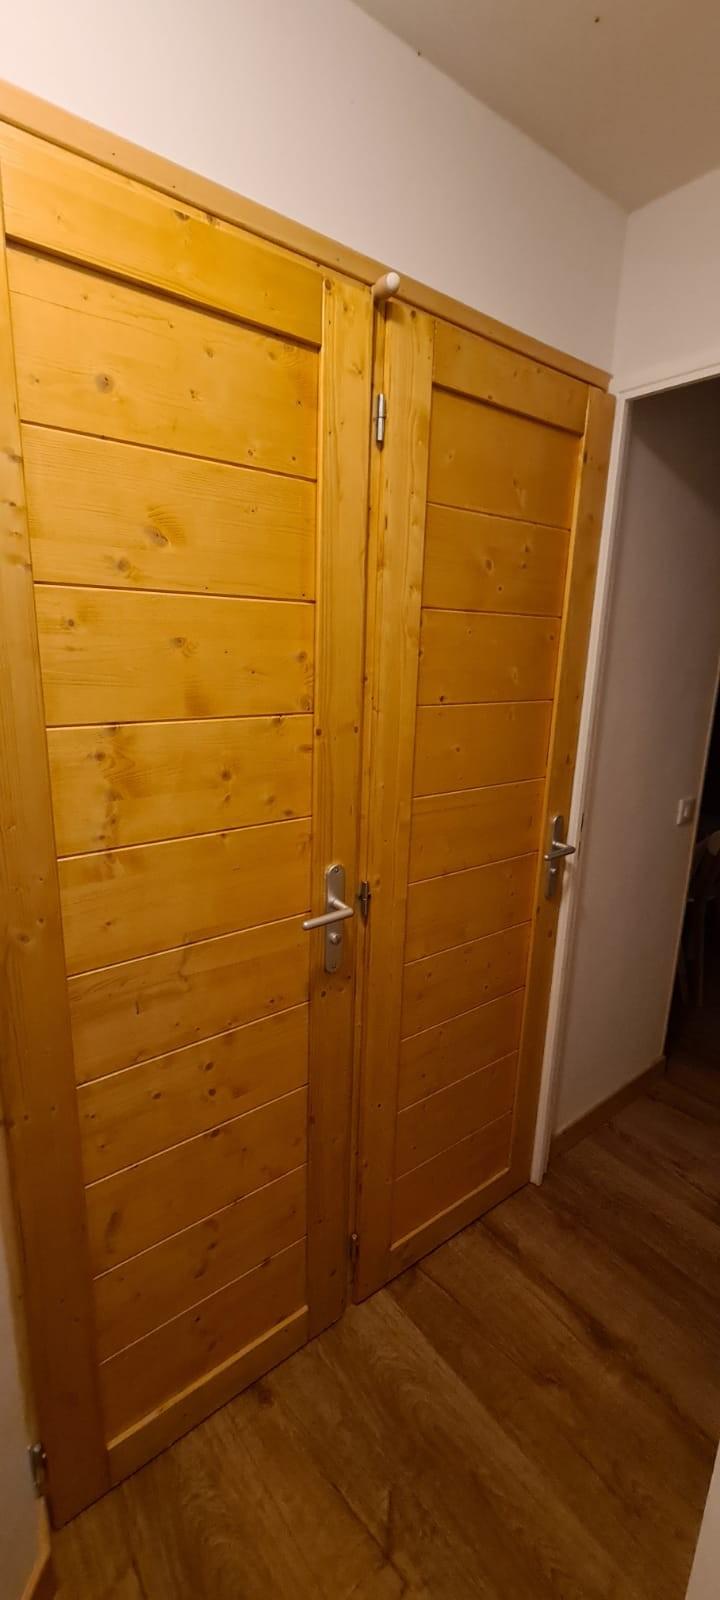 Création de deux portes pour séparer salle d'eau et WC